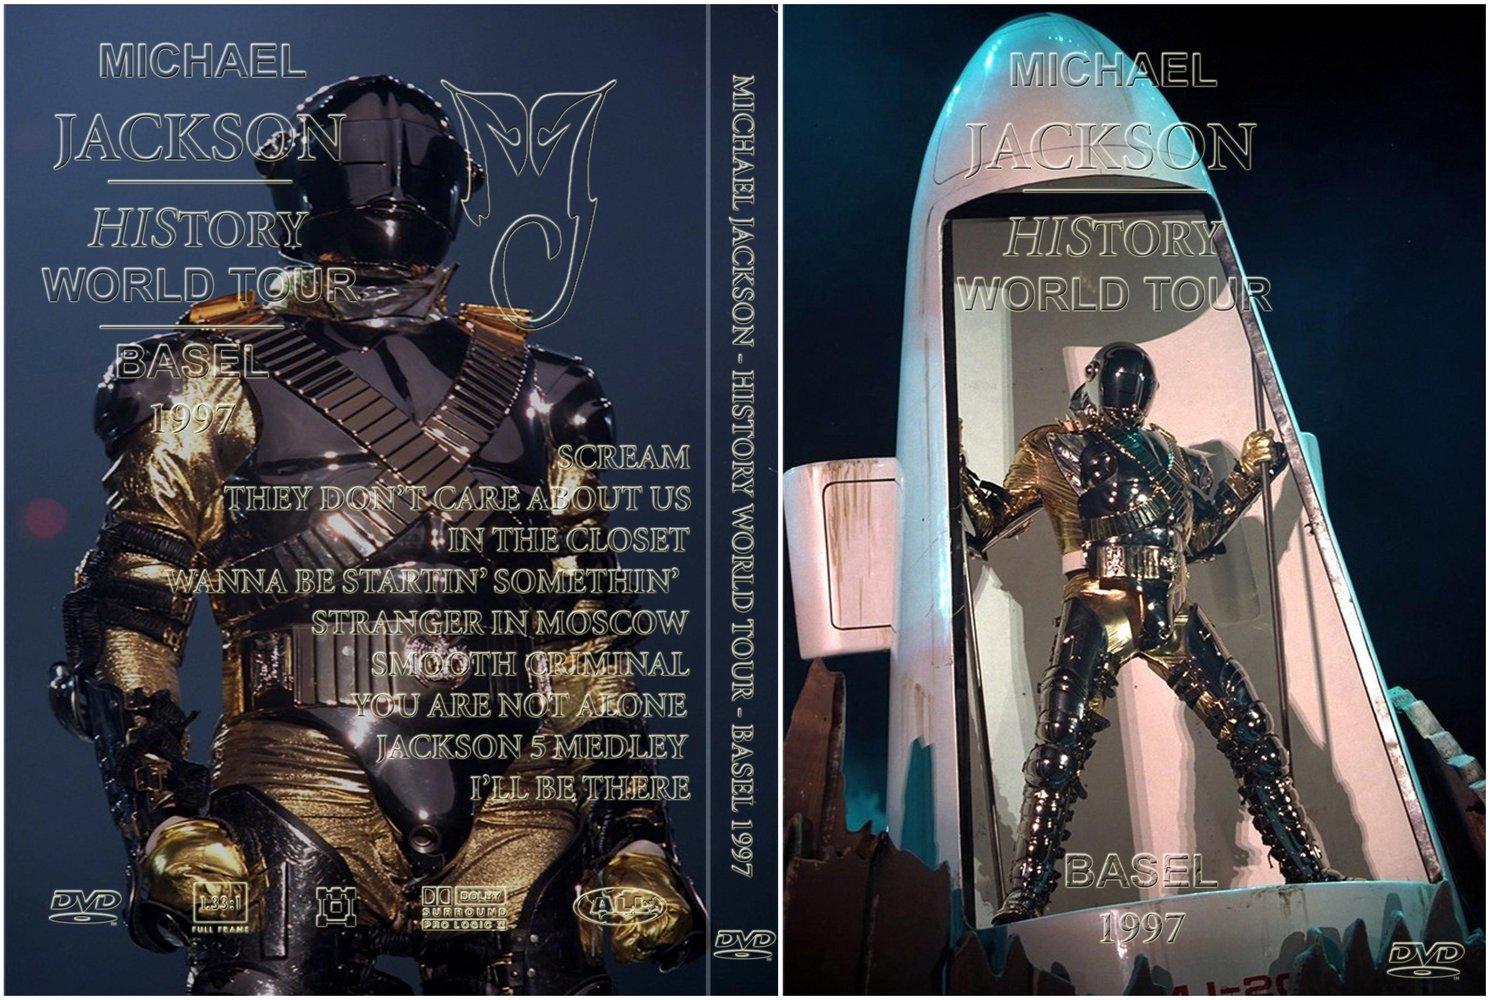 http://3.bp.blogspot.com/_brcl7Spzbn4/TJecH21KzEI/AAAAAAAAAqI/Xusp8R0oSzs/s1600/Michael+Jackson+Live+In+Basel+History+Tour.jpg